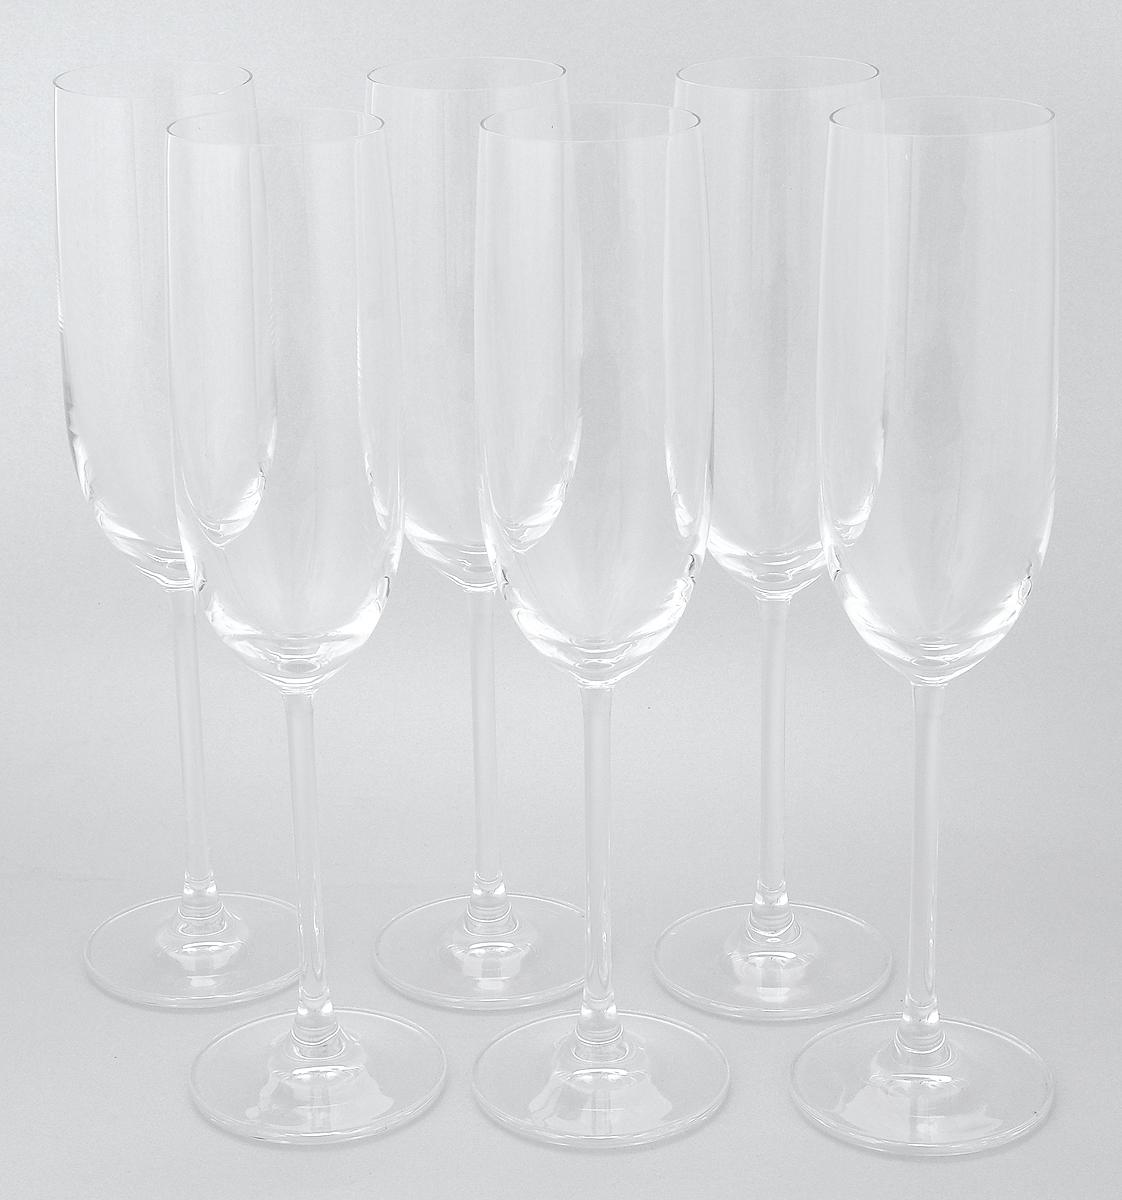 Набор бокалов Pasabahce Vintage, 220 мл, 6 штVT-1520(SR)Набор Pasabahce Vintage состоит из шести бокалов, выполненных из прочного натрий-кальций-силикатного стекла. Изделия оснащены высокими ножками. Бокалы предназначены для подачи шампанского. Они сочетают в себе элегантный дизайн и функциональность. Благодаря такому набору пить напитки будет еще вкуснее.Набор фужеров Pasabahce Vintage прекрасно оформит праздничный стол и создаст приятную атмосферу за романтическим ужином. Такой набор также станет хорошим подарком к любому случаю. Можно мыть в посудомоечной машине и использовать в холодильнике.Диаметр фужера (по верхнему краю): 4,8 см. Высота фужера: 24,2 см.